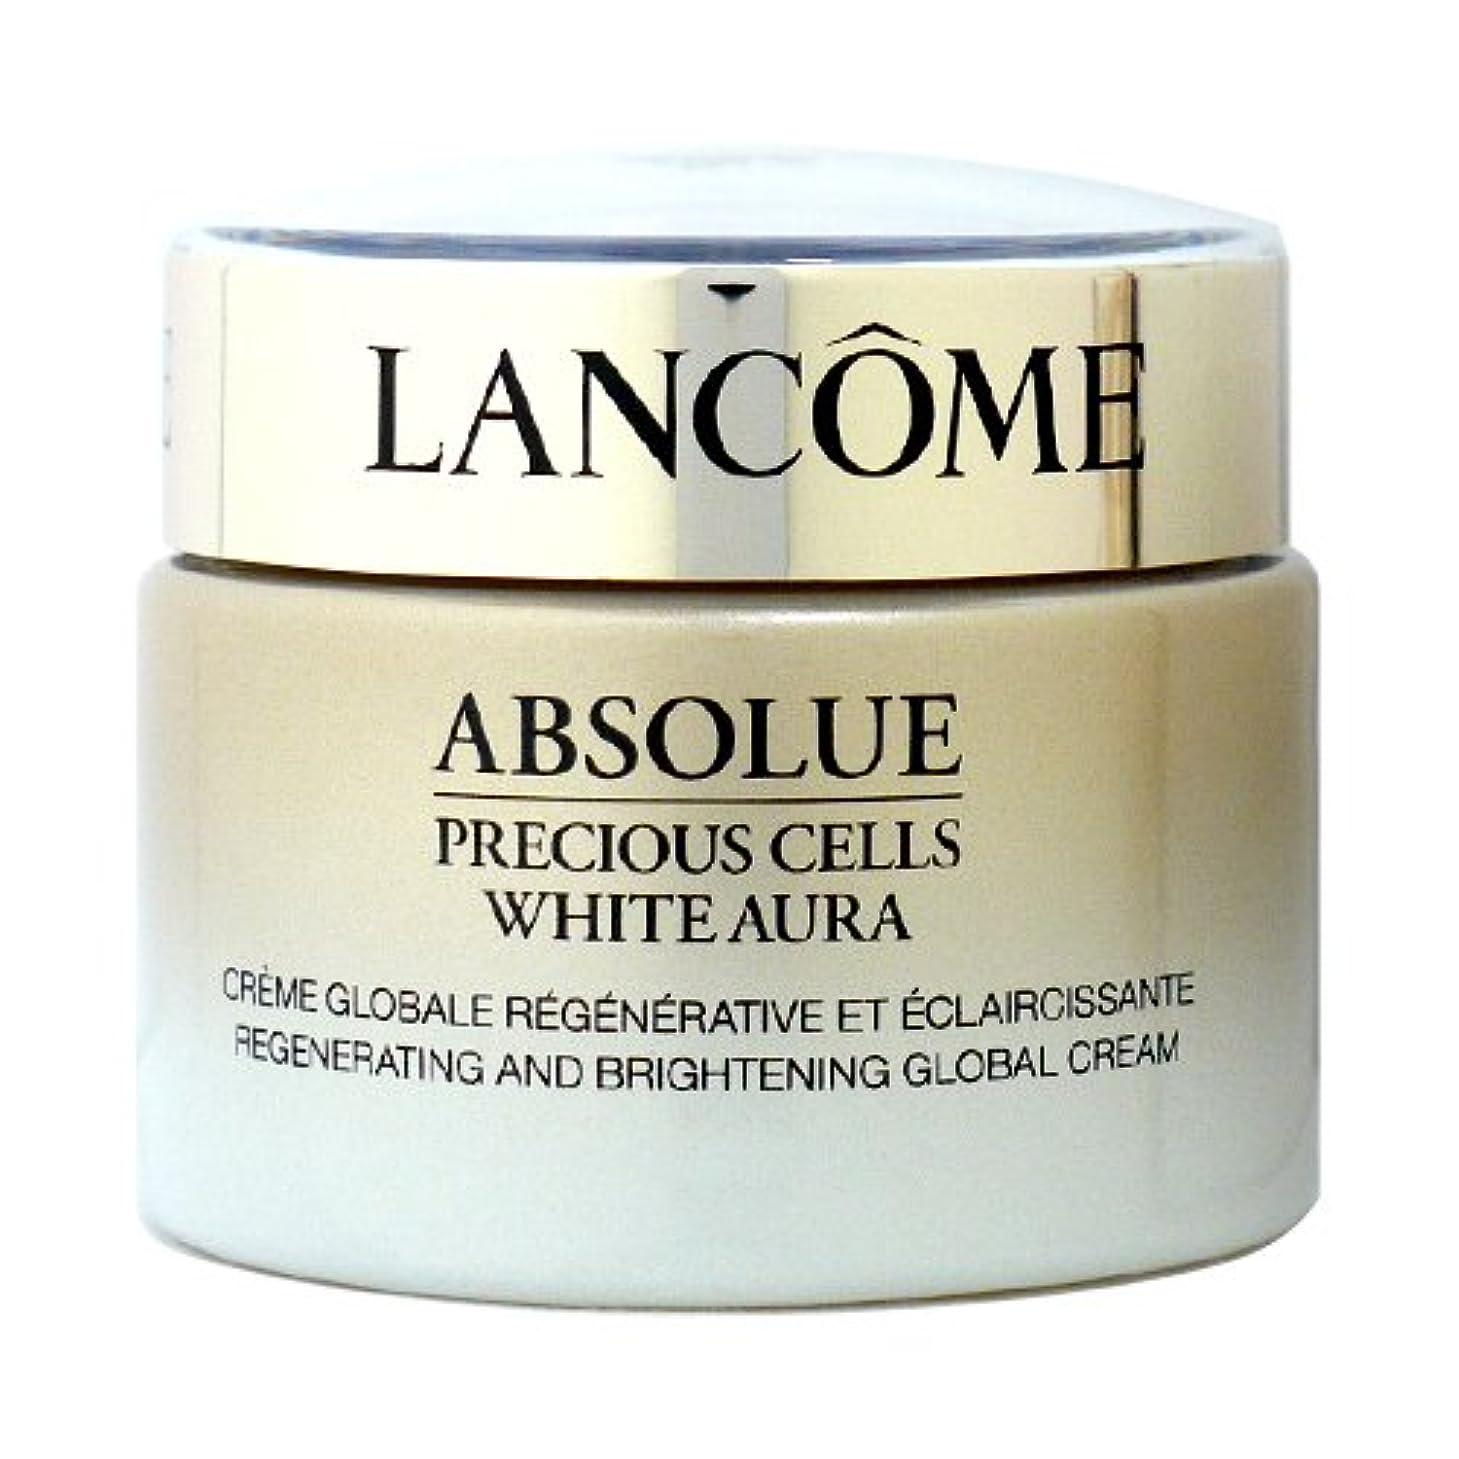 農学金属日常的にランコム アプソリュ プレシャスセル ホワイトオーラ クリーム N 50ml